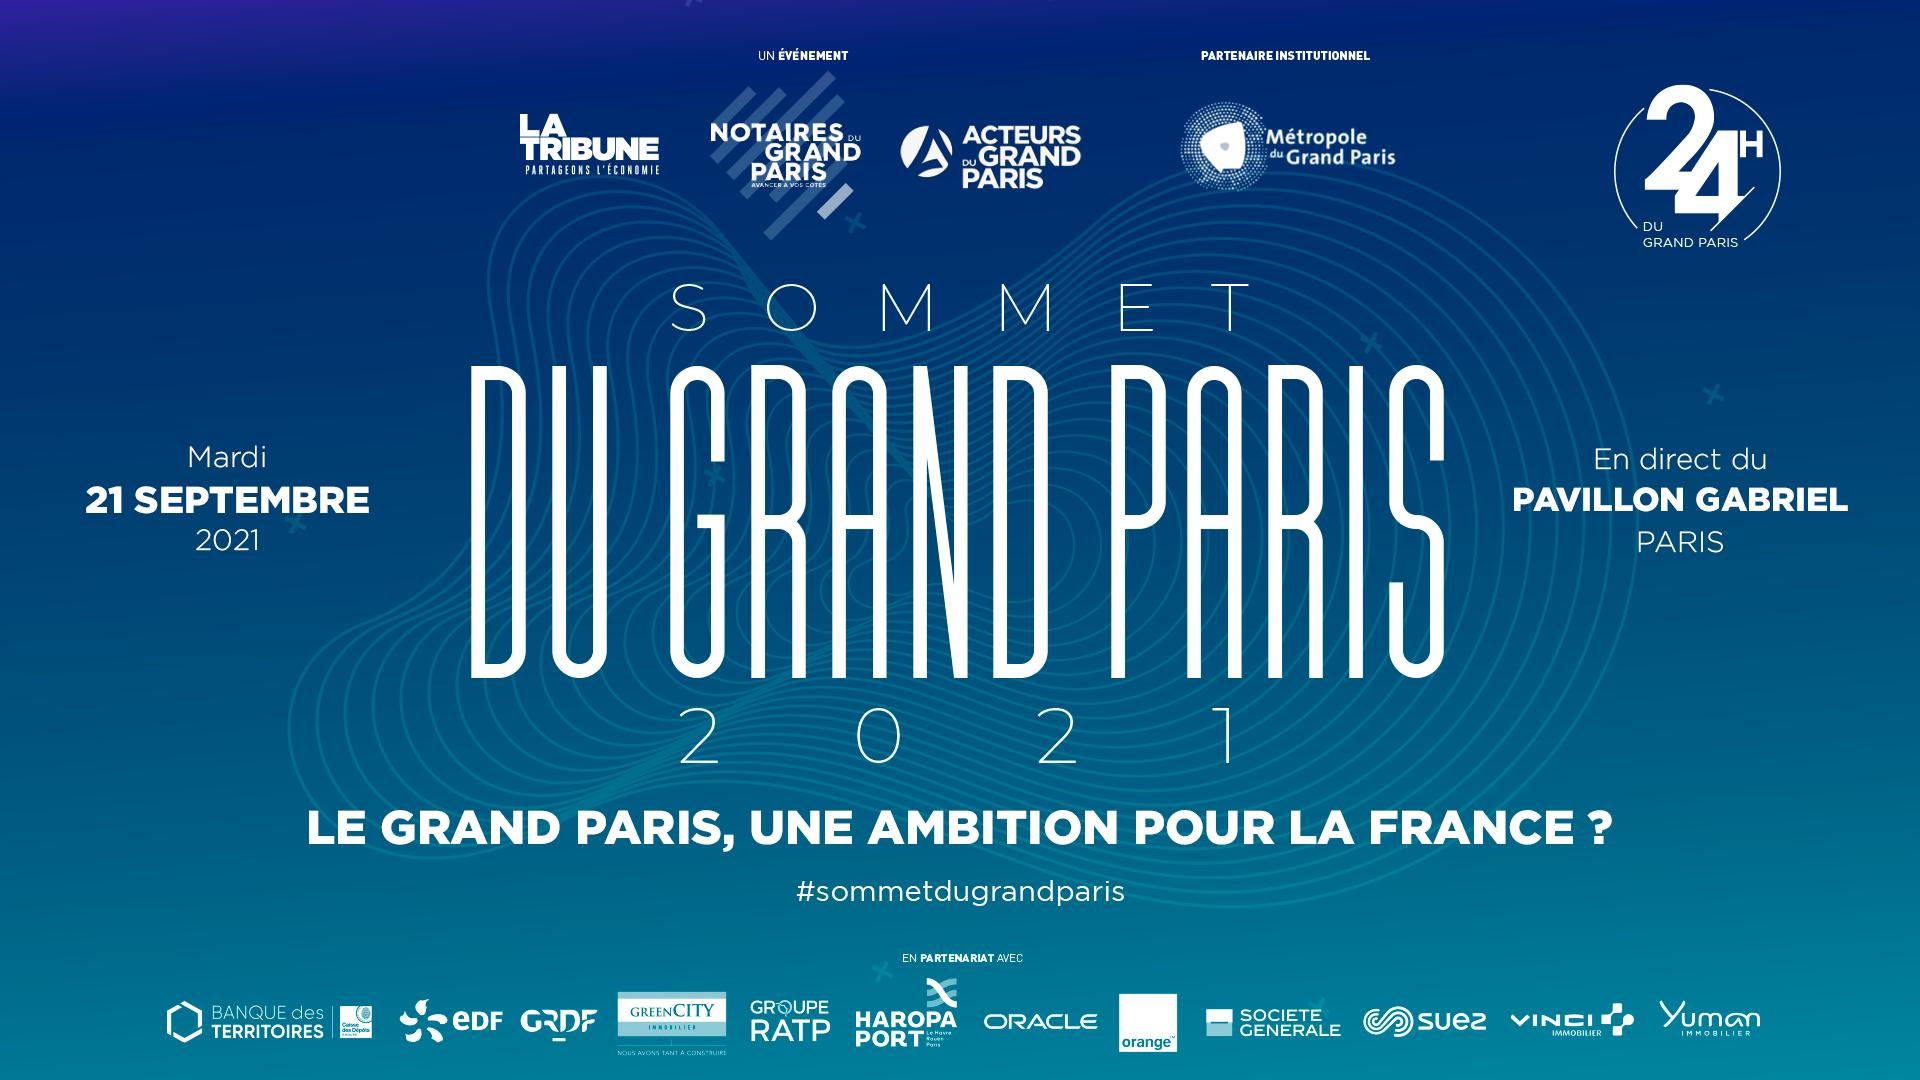 SAVE THE DATE 21 septembre - Sommet du Grand Paris 2021 Le Grand Paris, une ambition pour la France ?